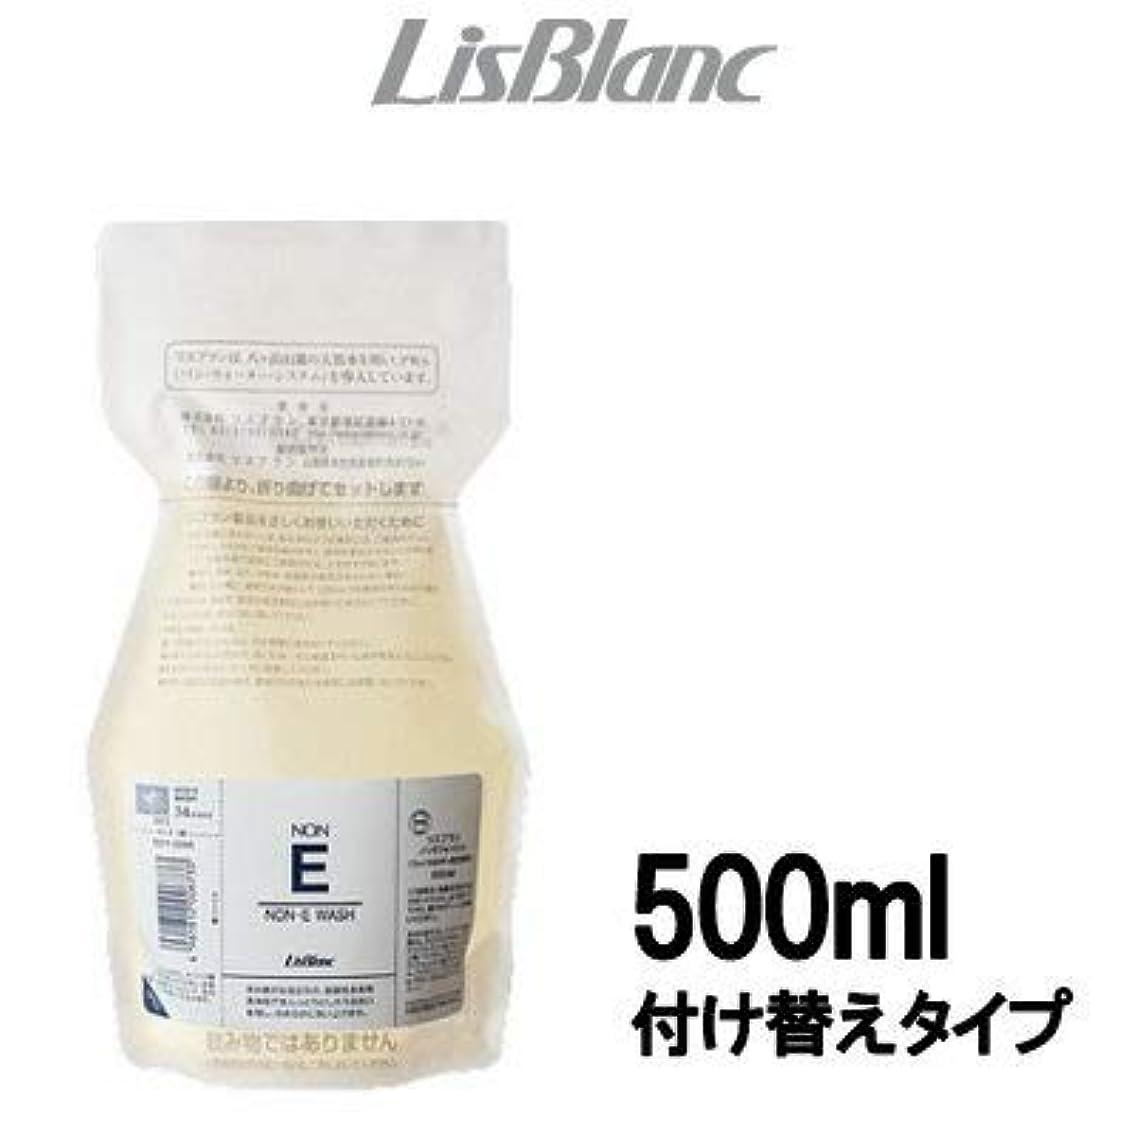 盆地部門意識的リスブラン ノンEウォッシュ 500ml フェイス&ボディ用洗浄料